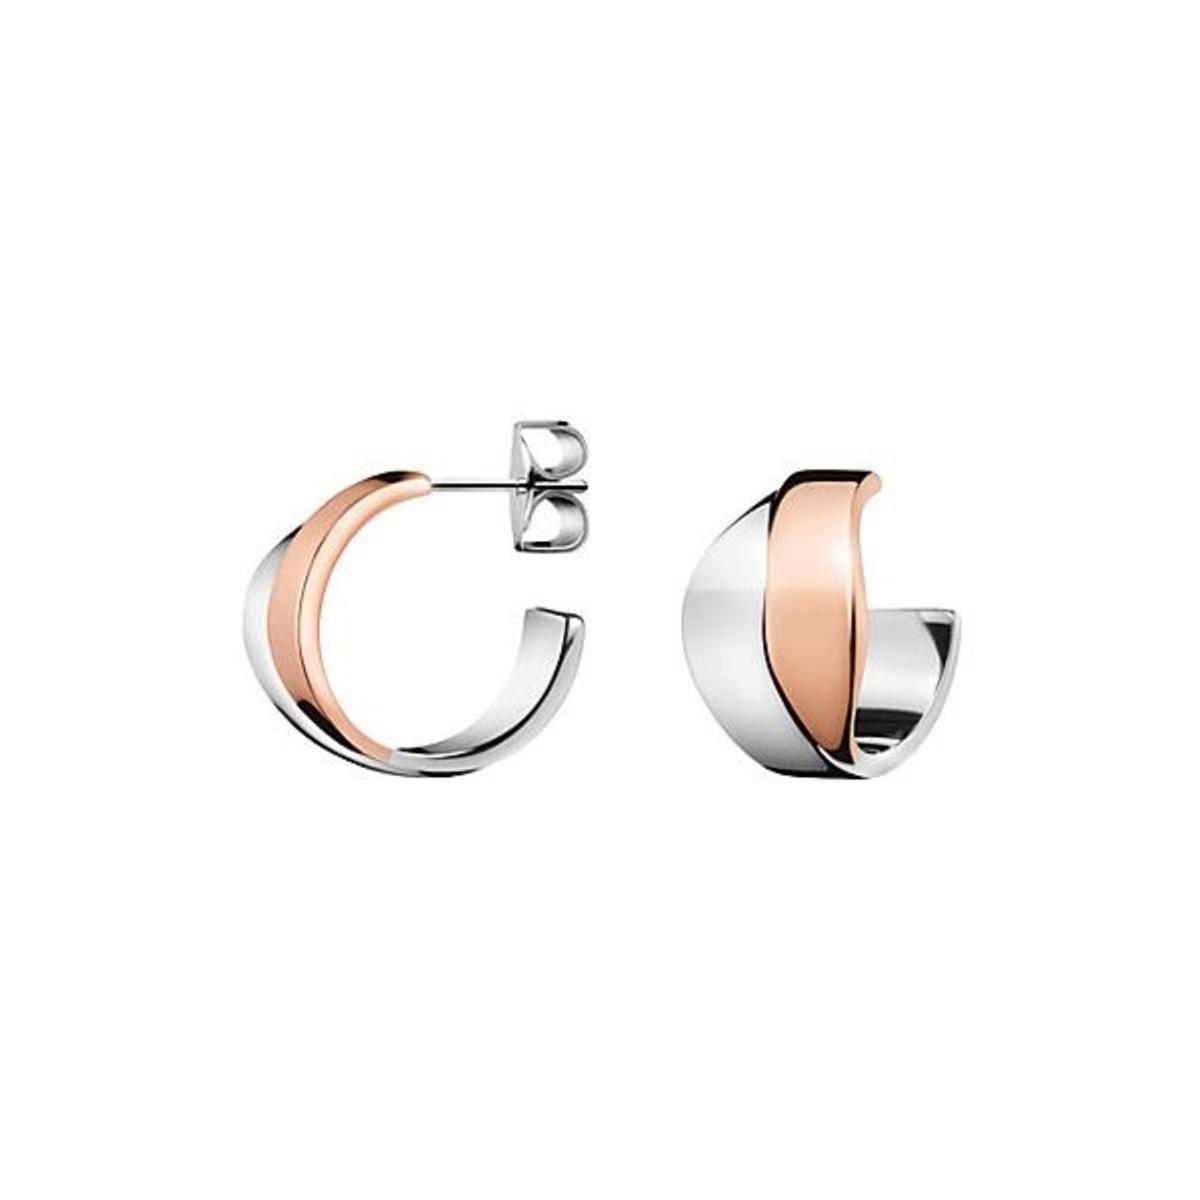 Boucle d\'oreille Calvin Klein collection Senses